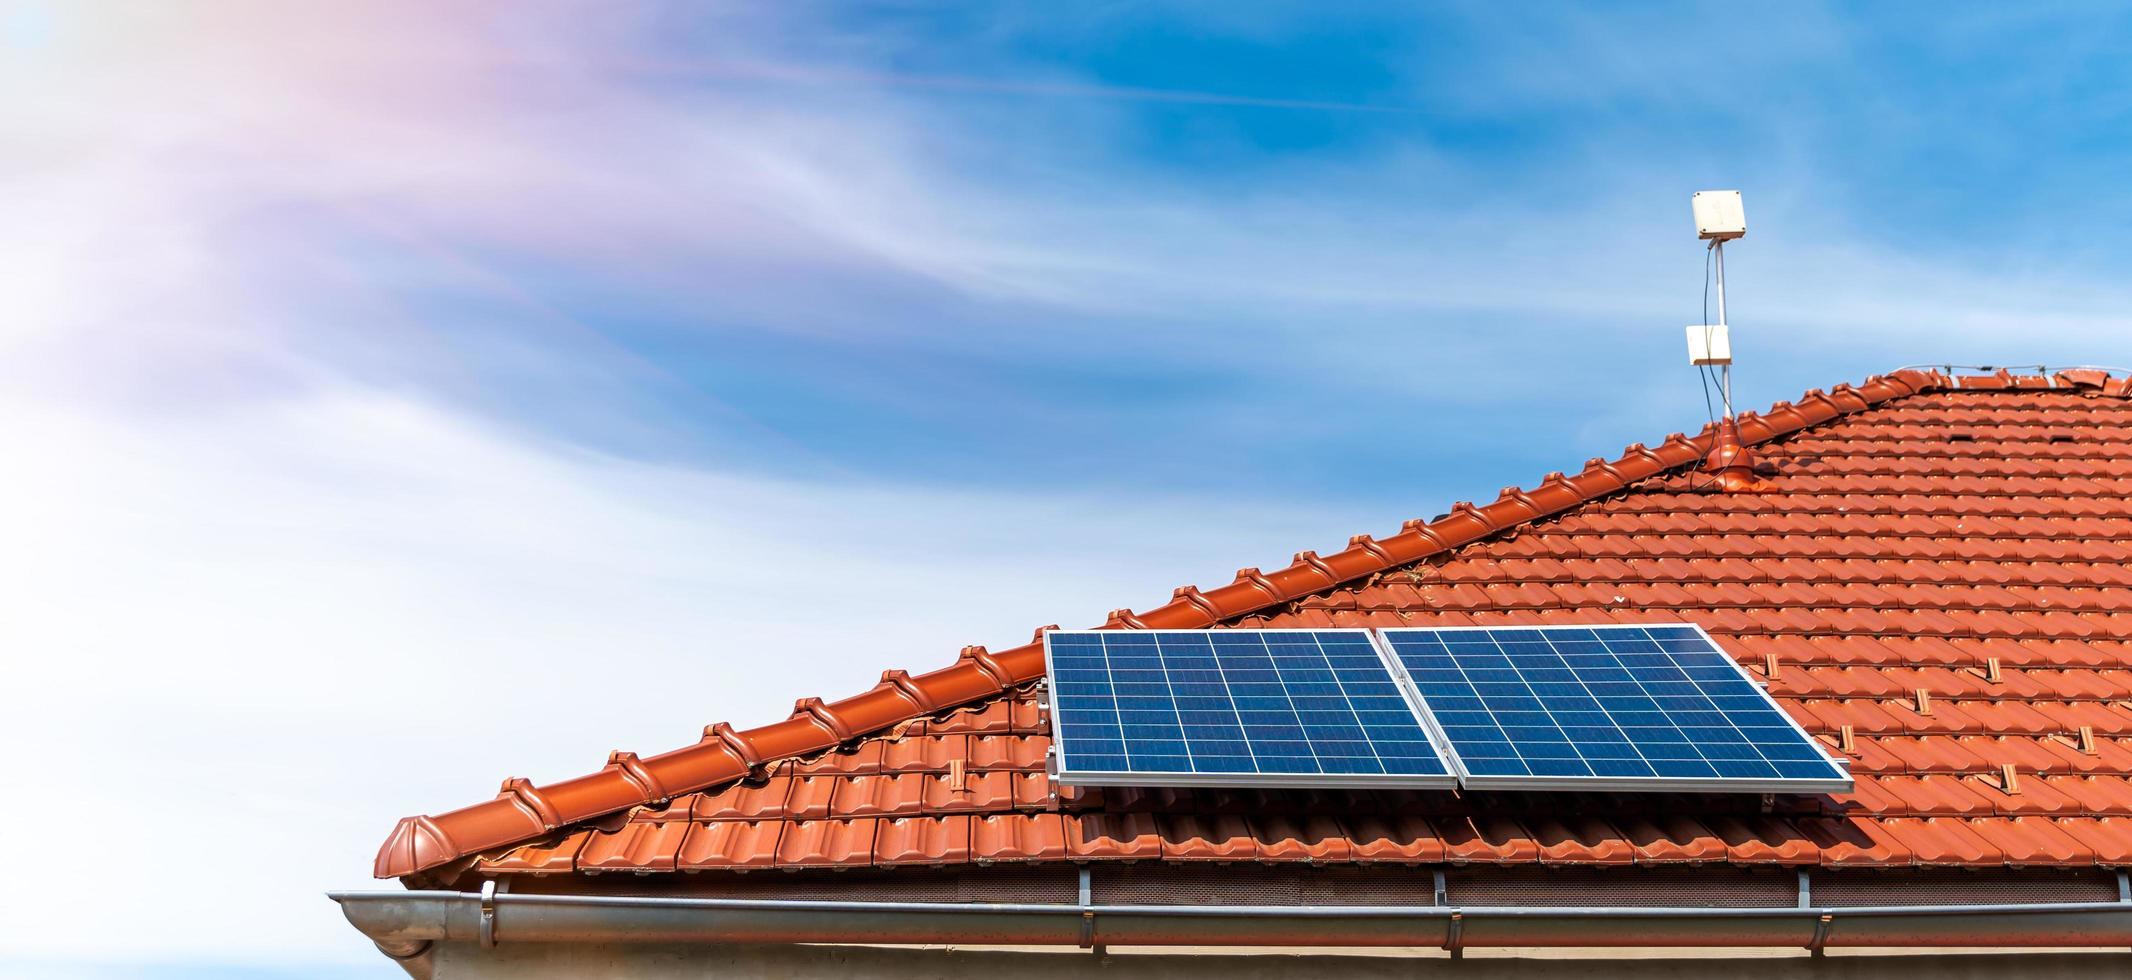 solpaneler på taket av ett hus foto